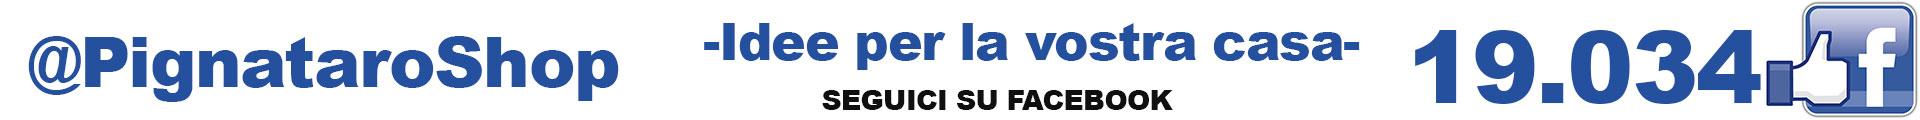 piagnataro shop piace a 19.034 persone seguici anche tu su facebook